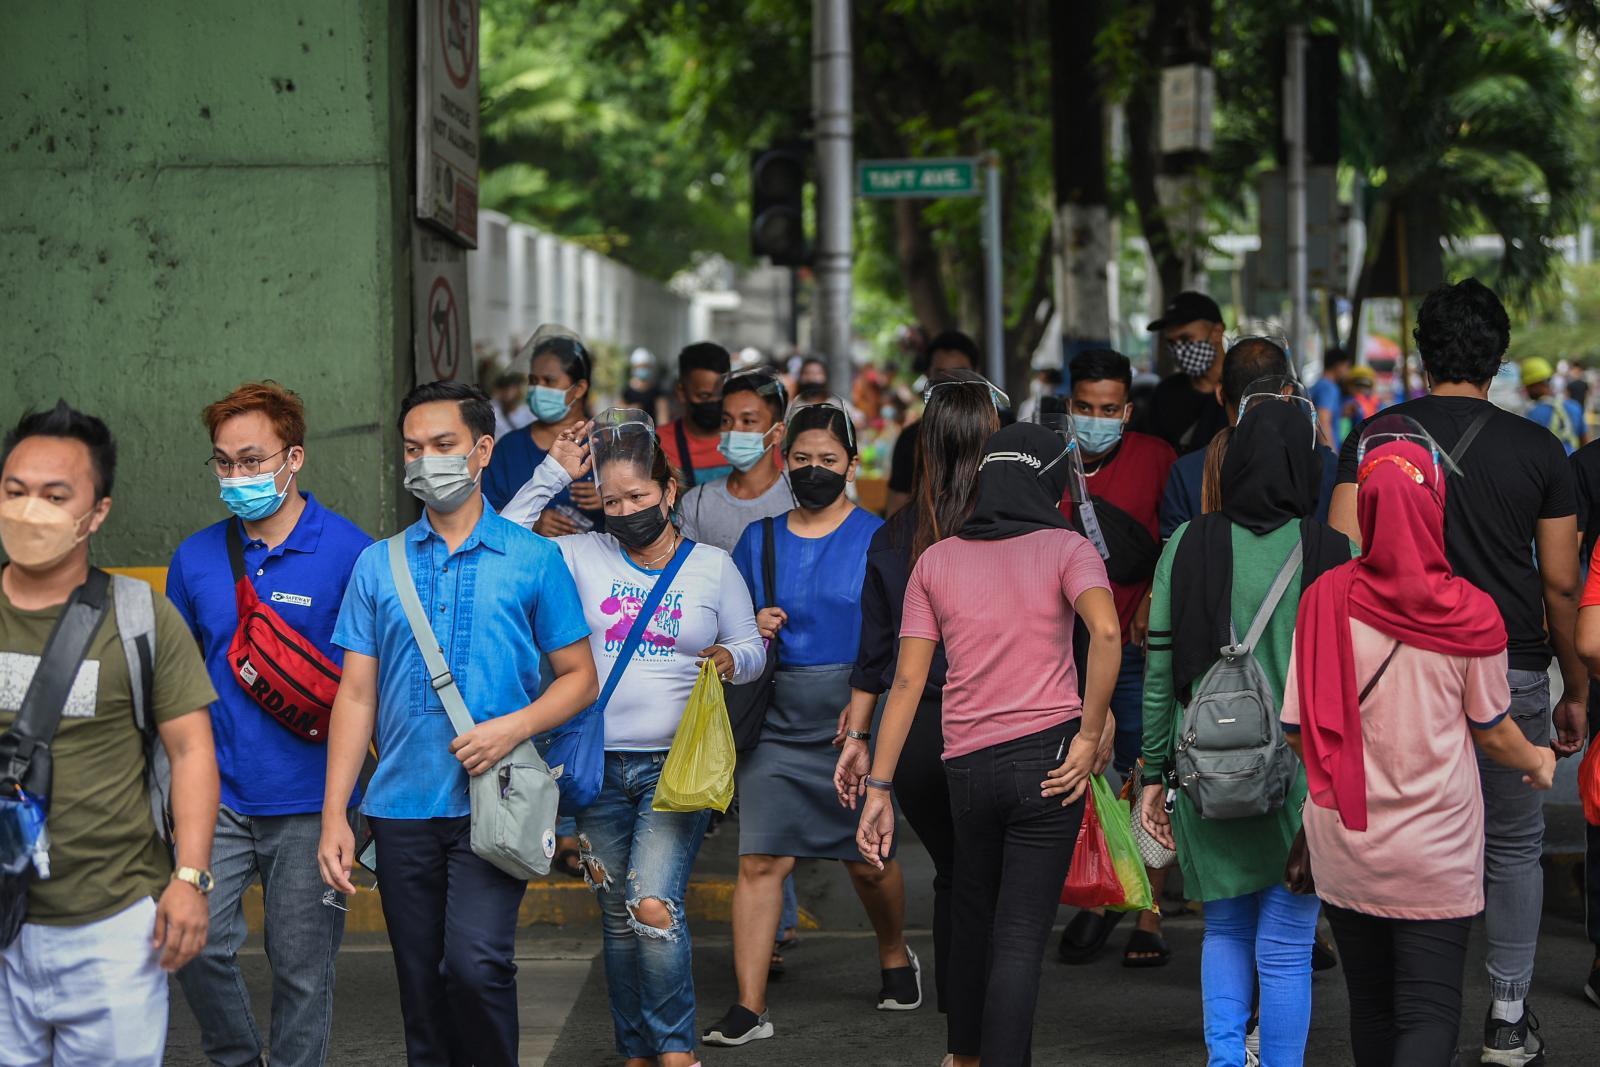 มาเลเซียติดโควิดทะลุ 2 ล้านคน จ่อคลายล็อก เปิดเศรษฐกิจ